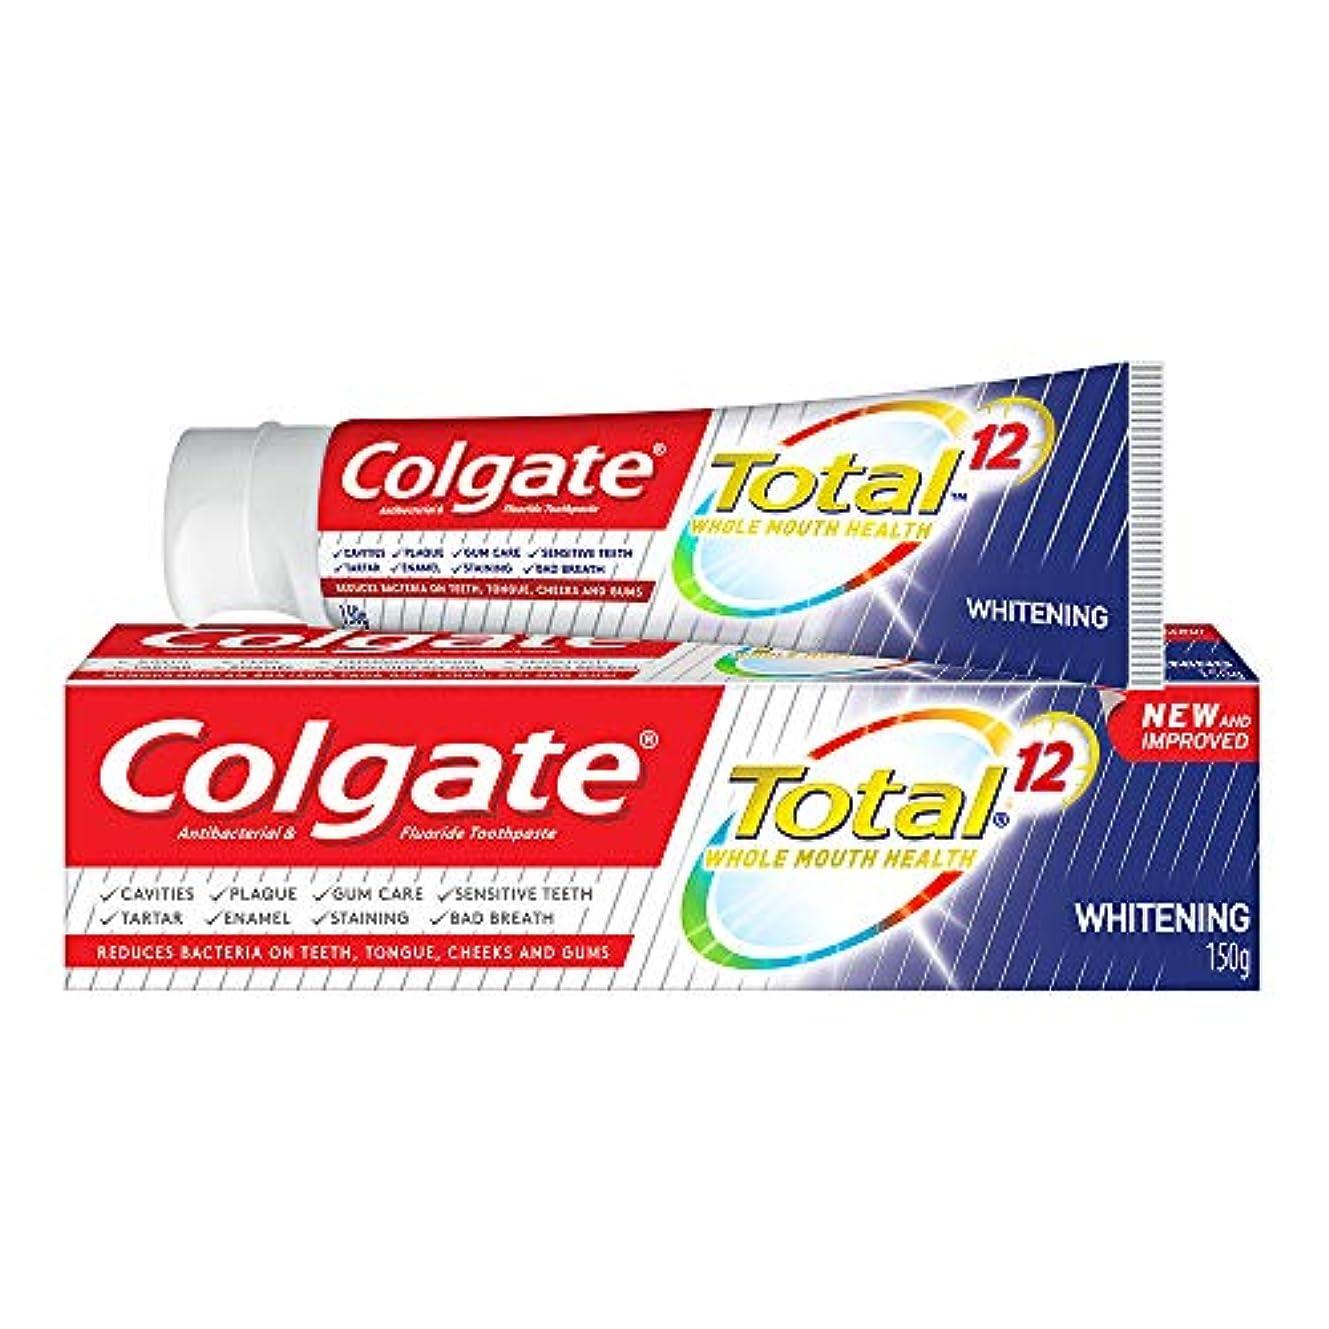 肉社会主義者ミルク(コルゲート)Colgate 歯磨き粉 Total (150g, ホールマウスヘルス)